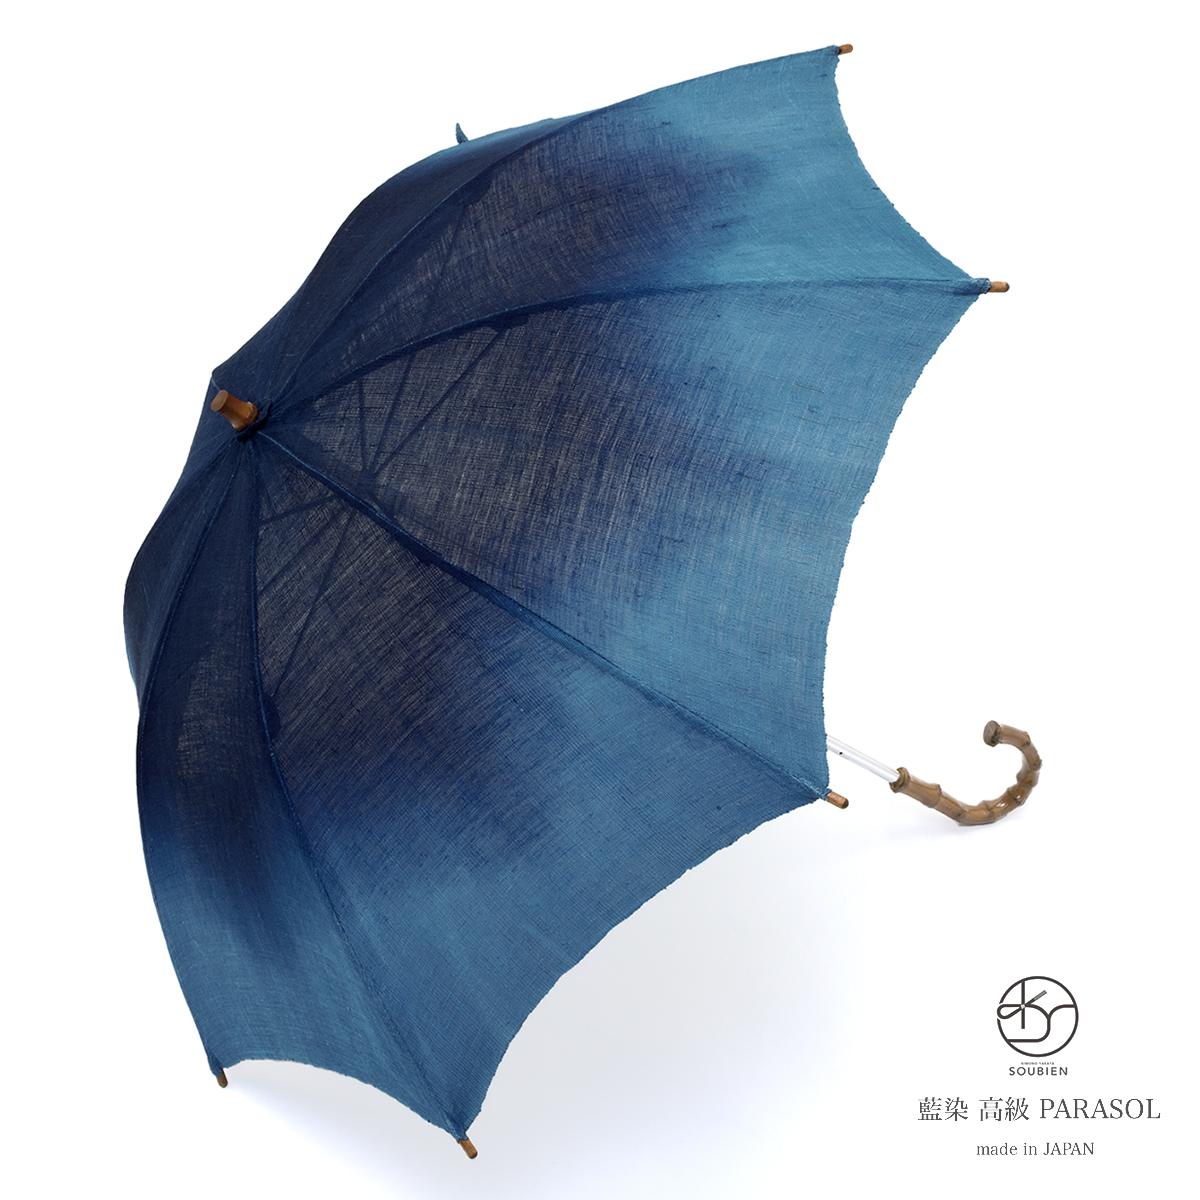 日傘 藍 インディゴブルー ネイビー 青 花 グラデーション 藍染 引染 麻 ひがさ 和装小物 便利小物 日本製【あす楽対応】【送料無料】